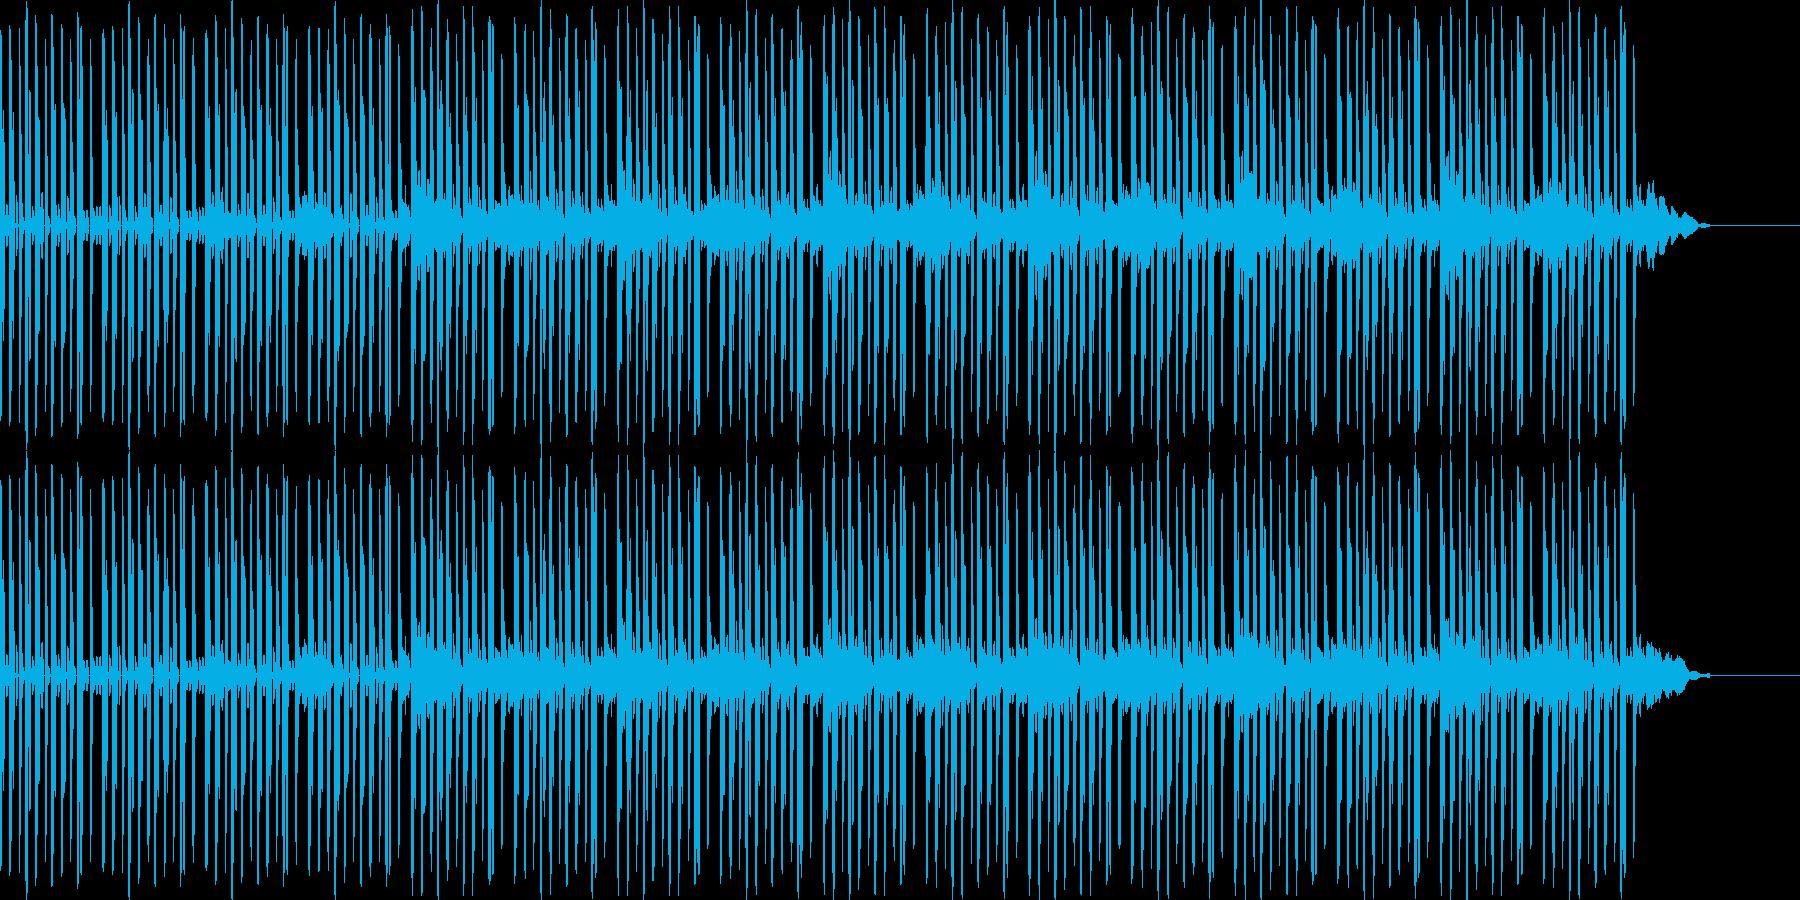 ヒップホップビート+ピアノのサウンドの再生済みの波形